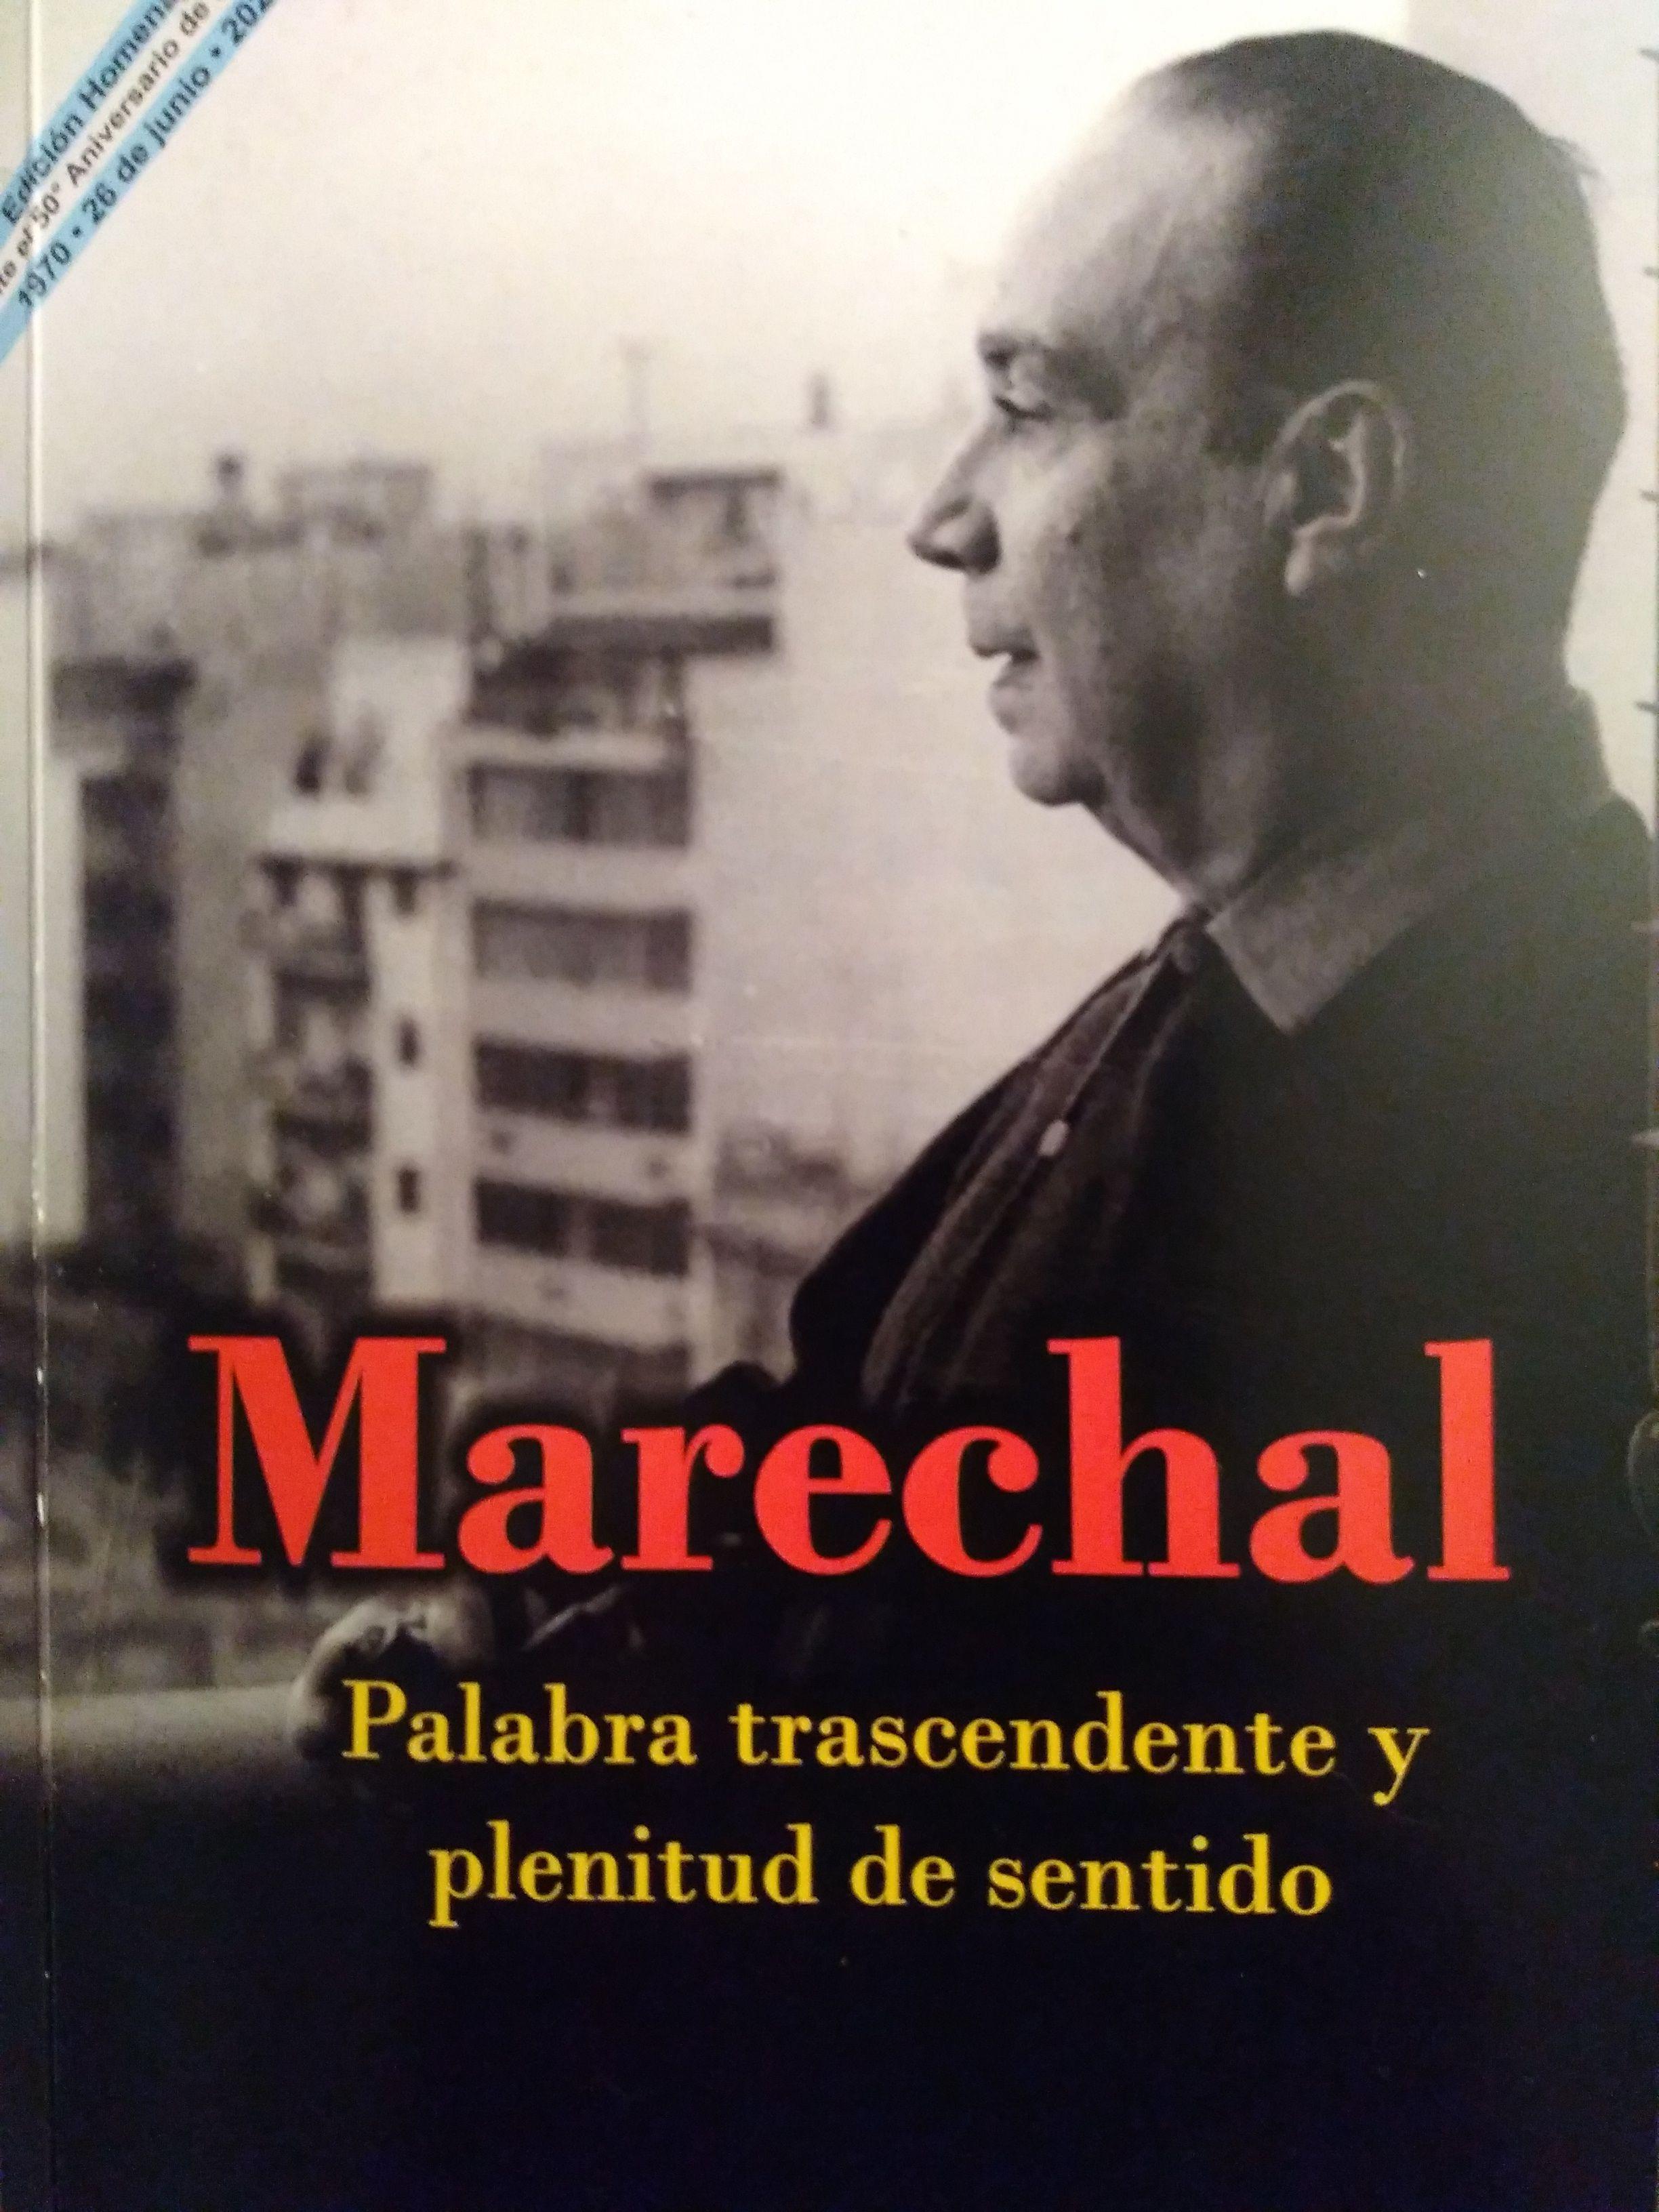 El ensayo de Pedro Barcia sobre Marechal